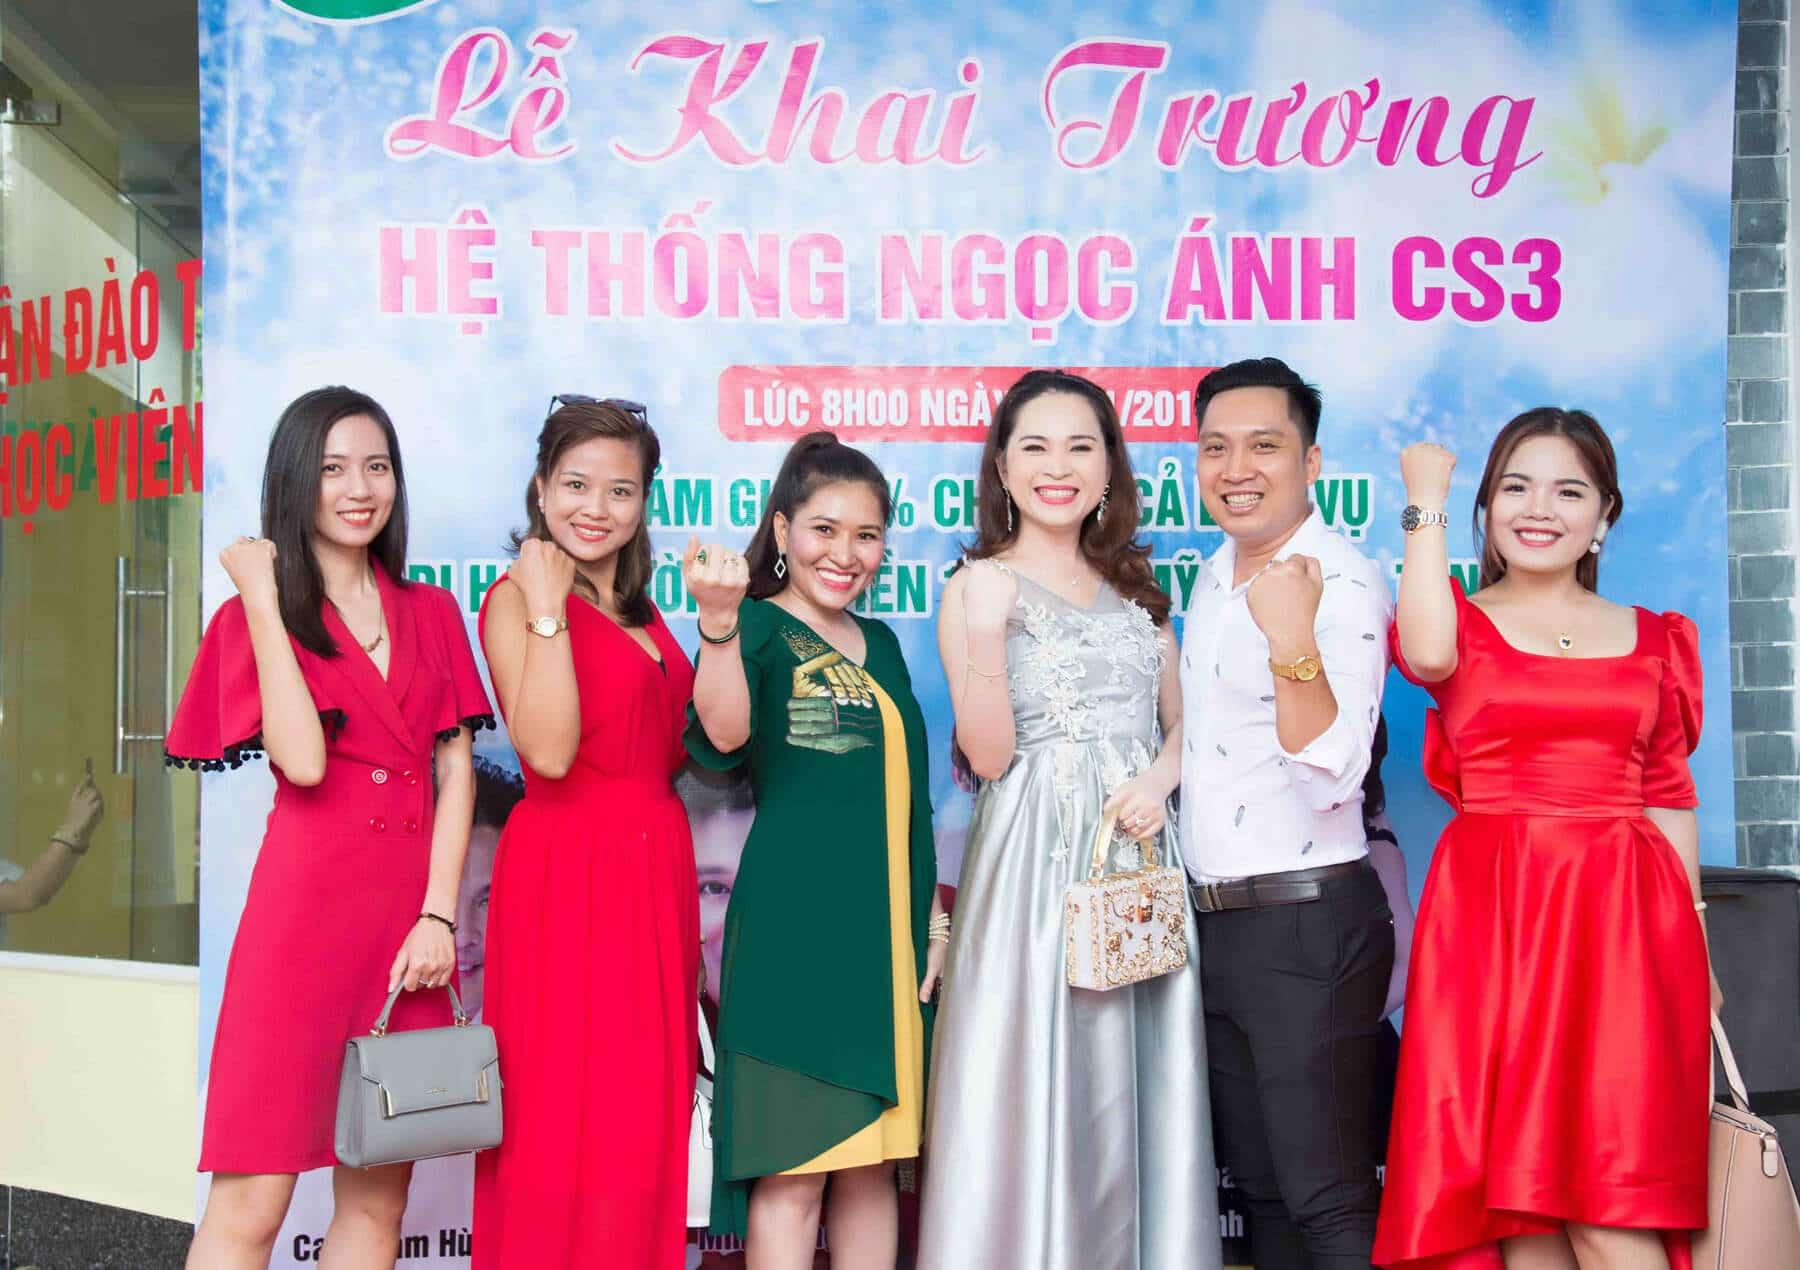 khai-truong-co-so-3-binh-duong-spangocanh-3